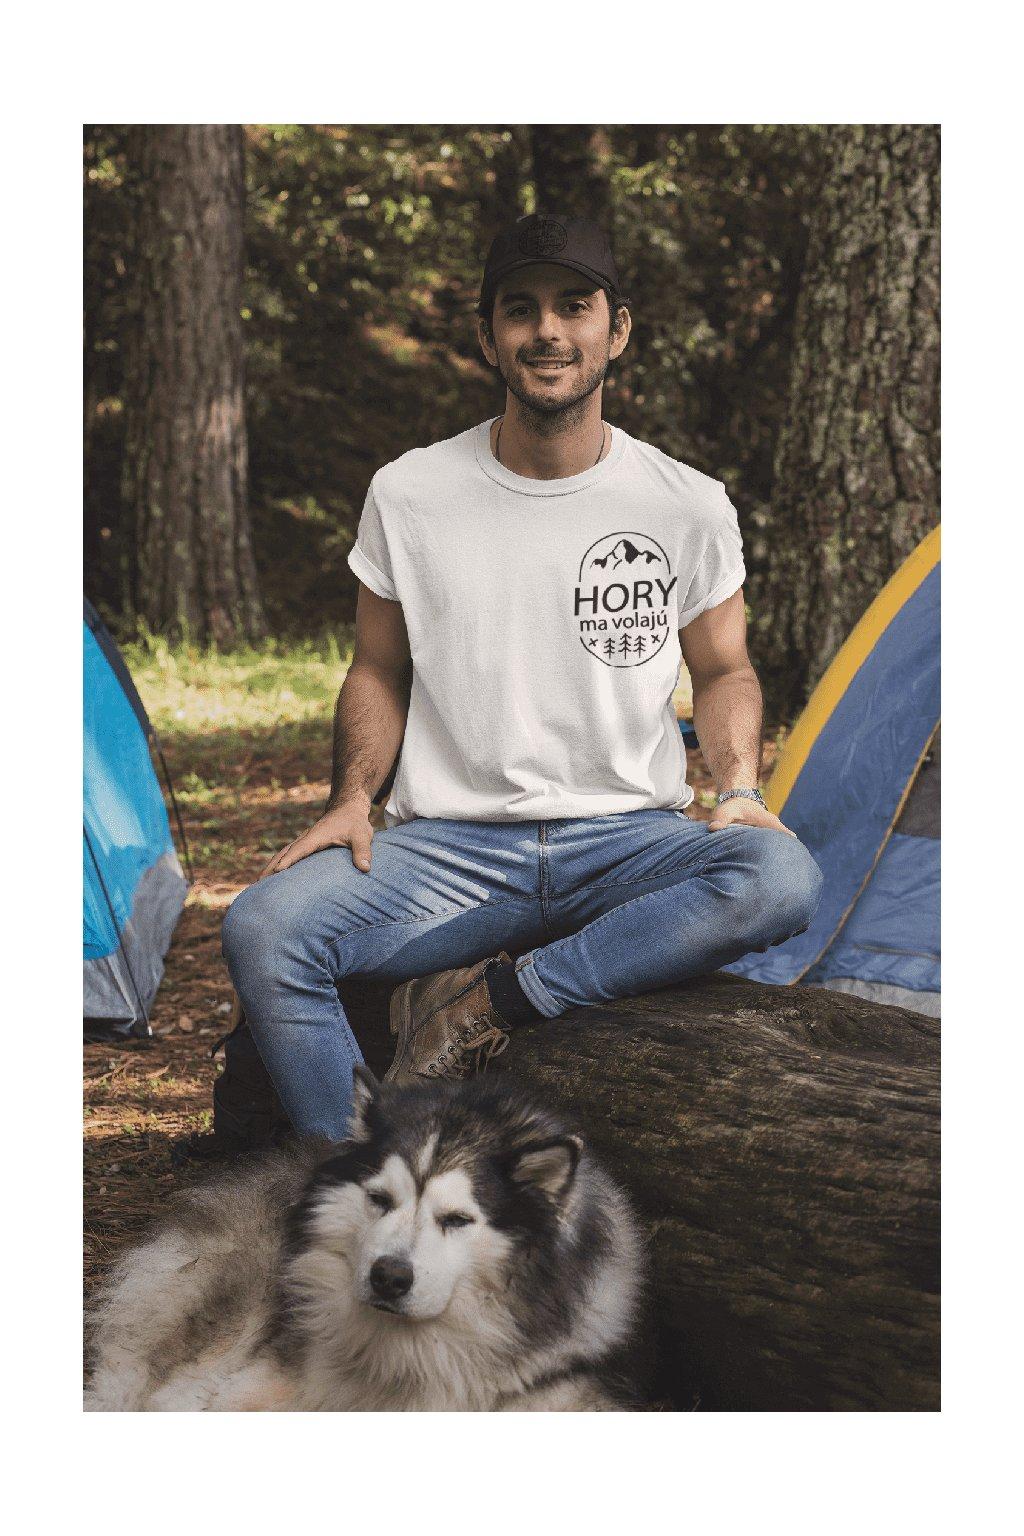 Pánske tričko Hory ma volajú